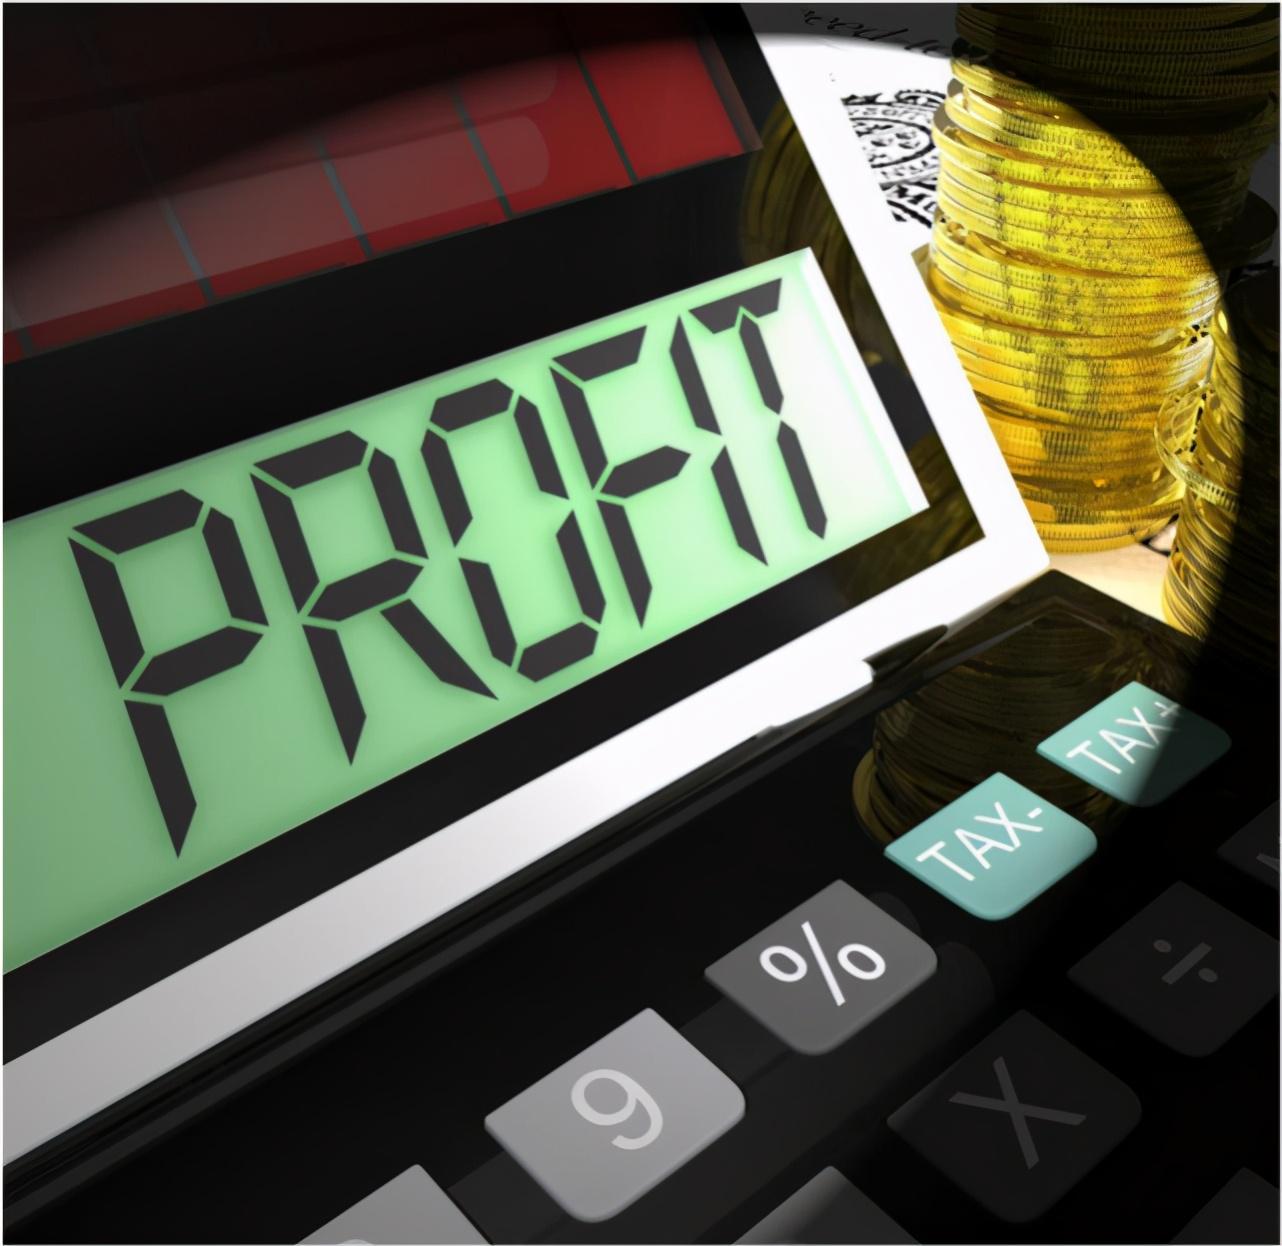 理财收益率眼花缭乱,年化收益率和七日年化又是什么鬼?